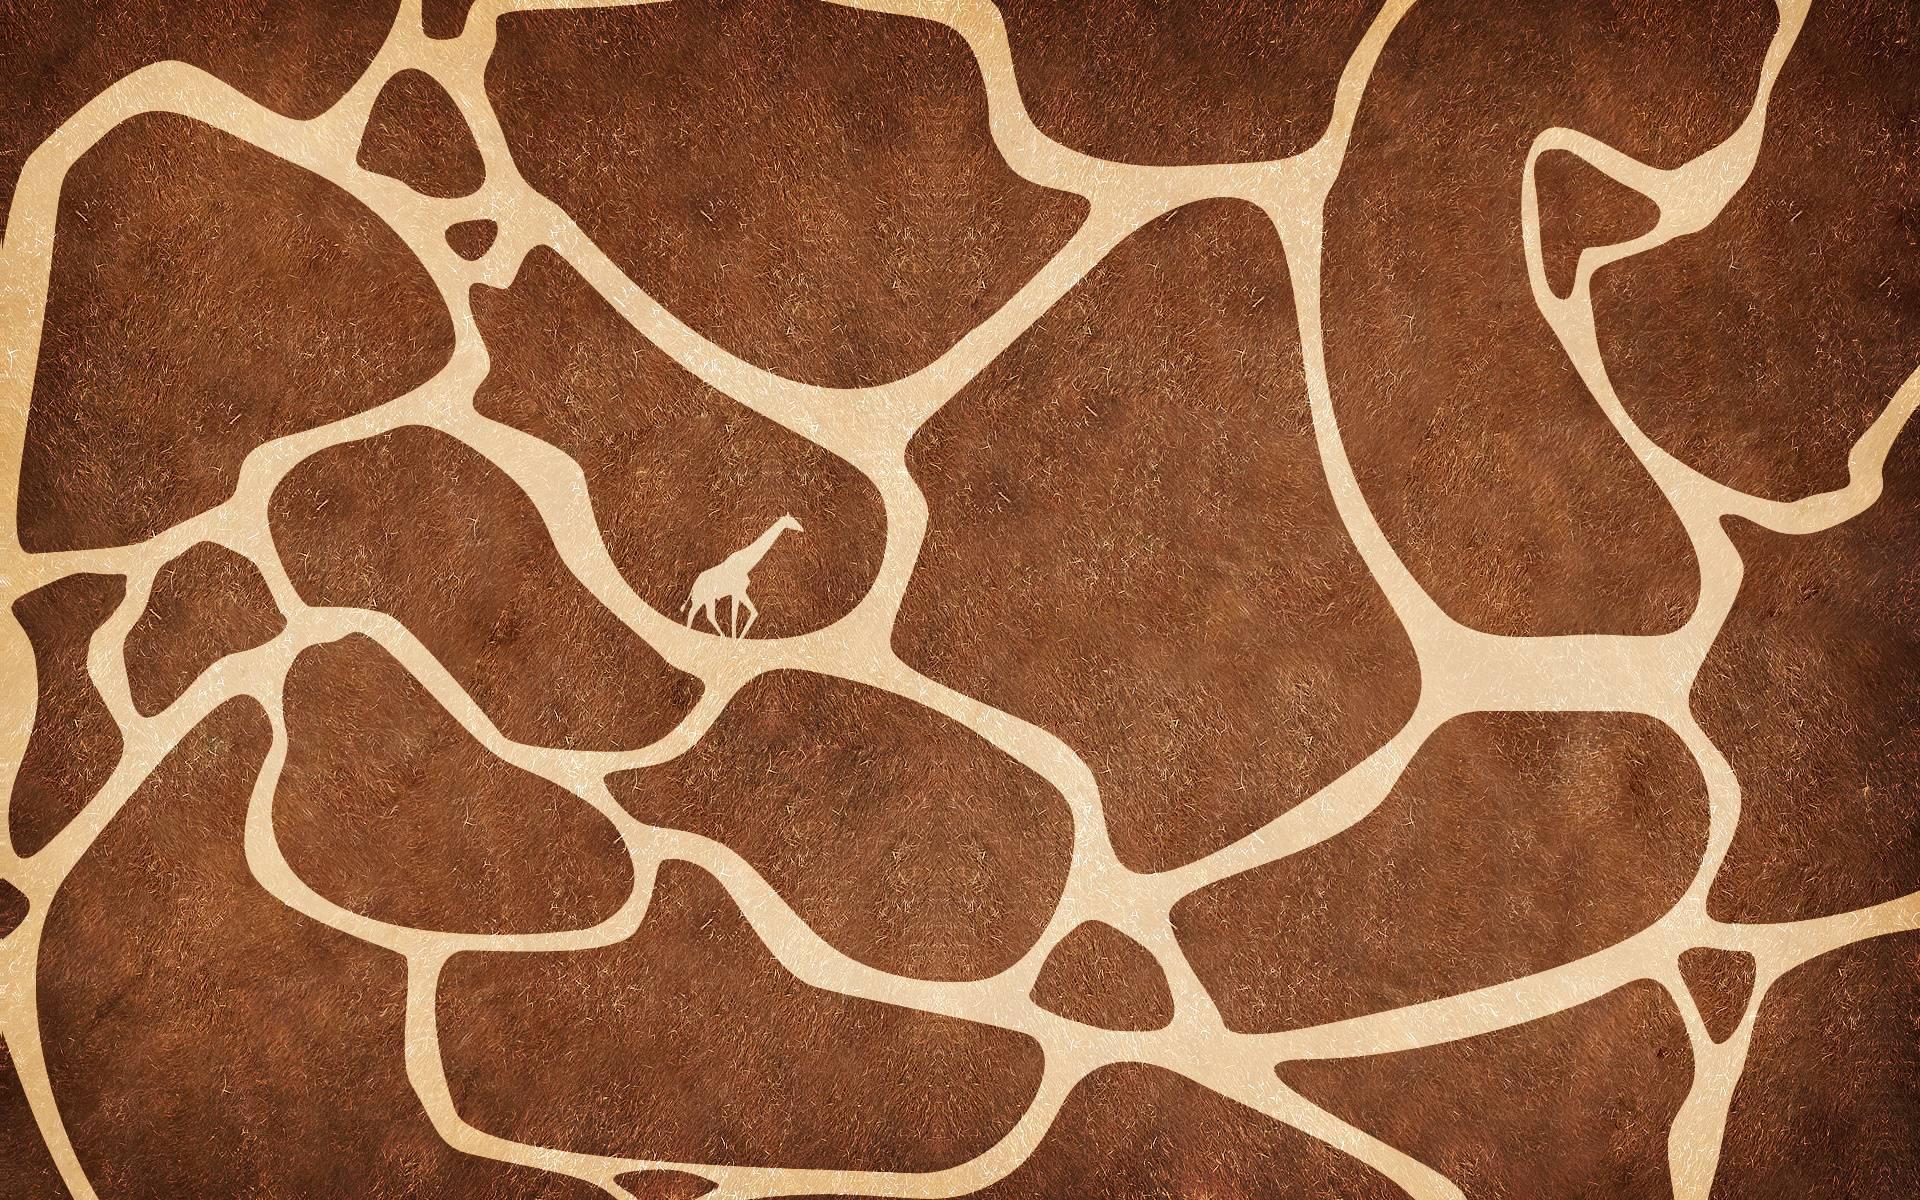 Giraffe Backgrounds Wallpaper Cave